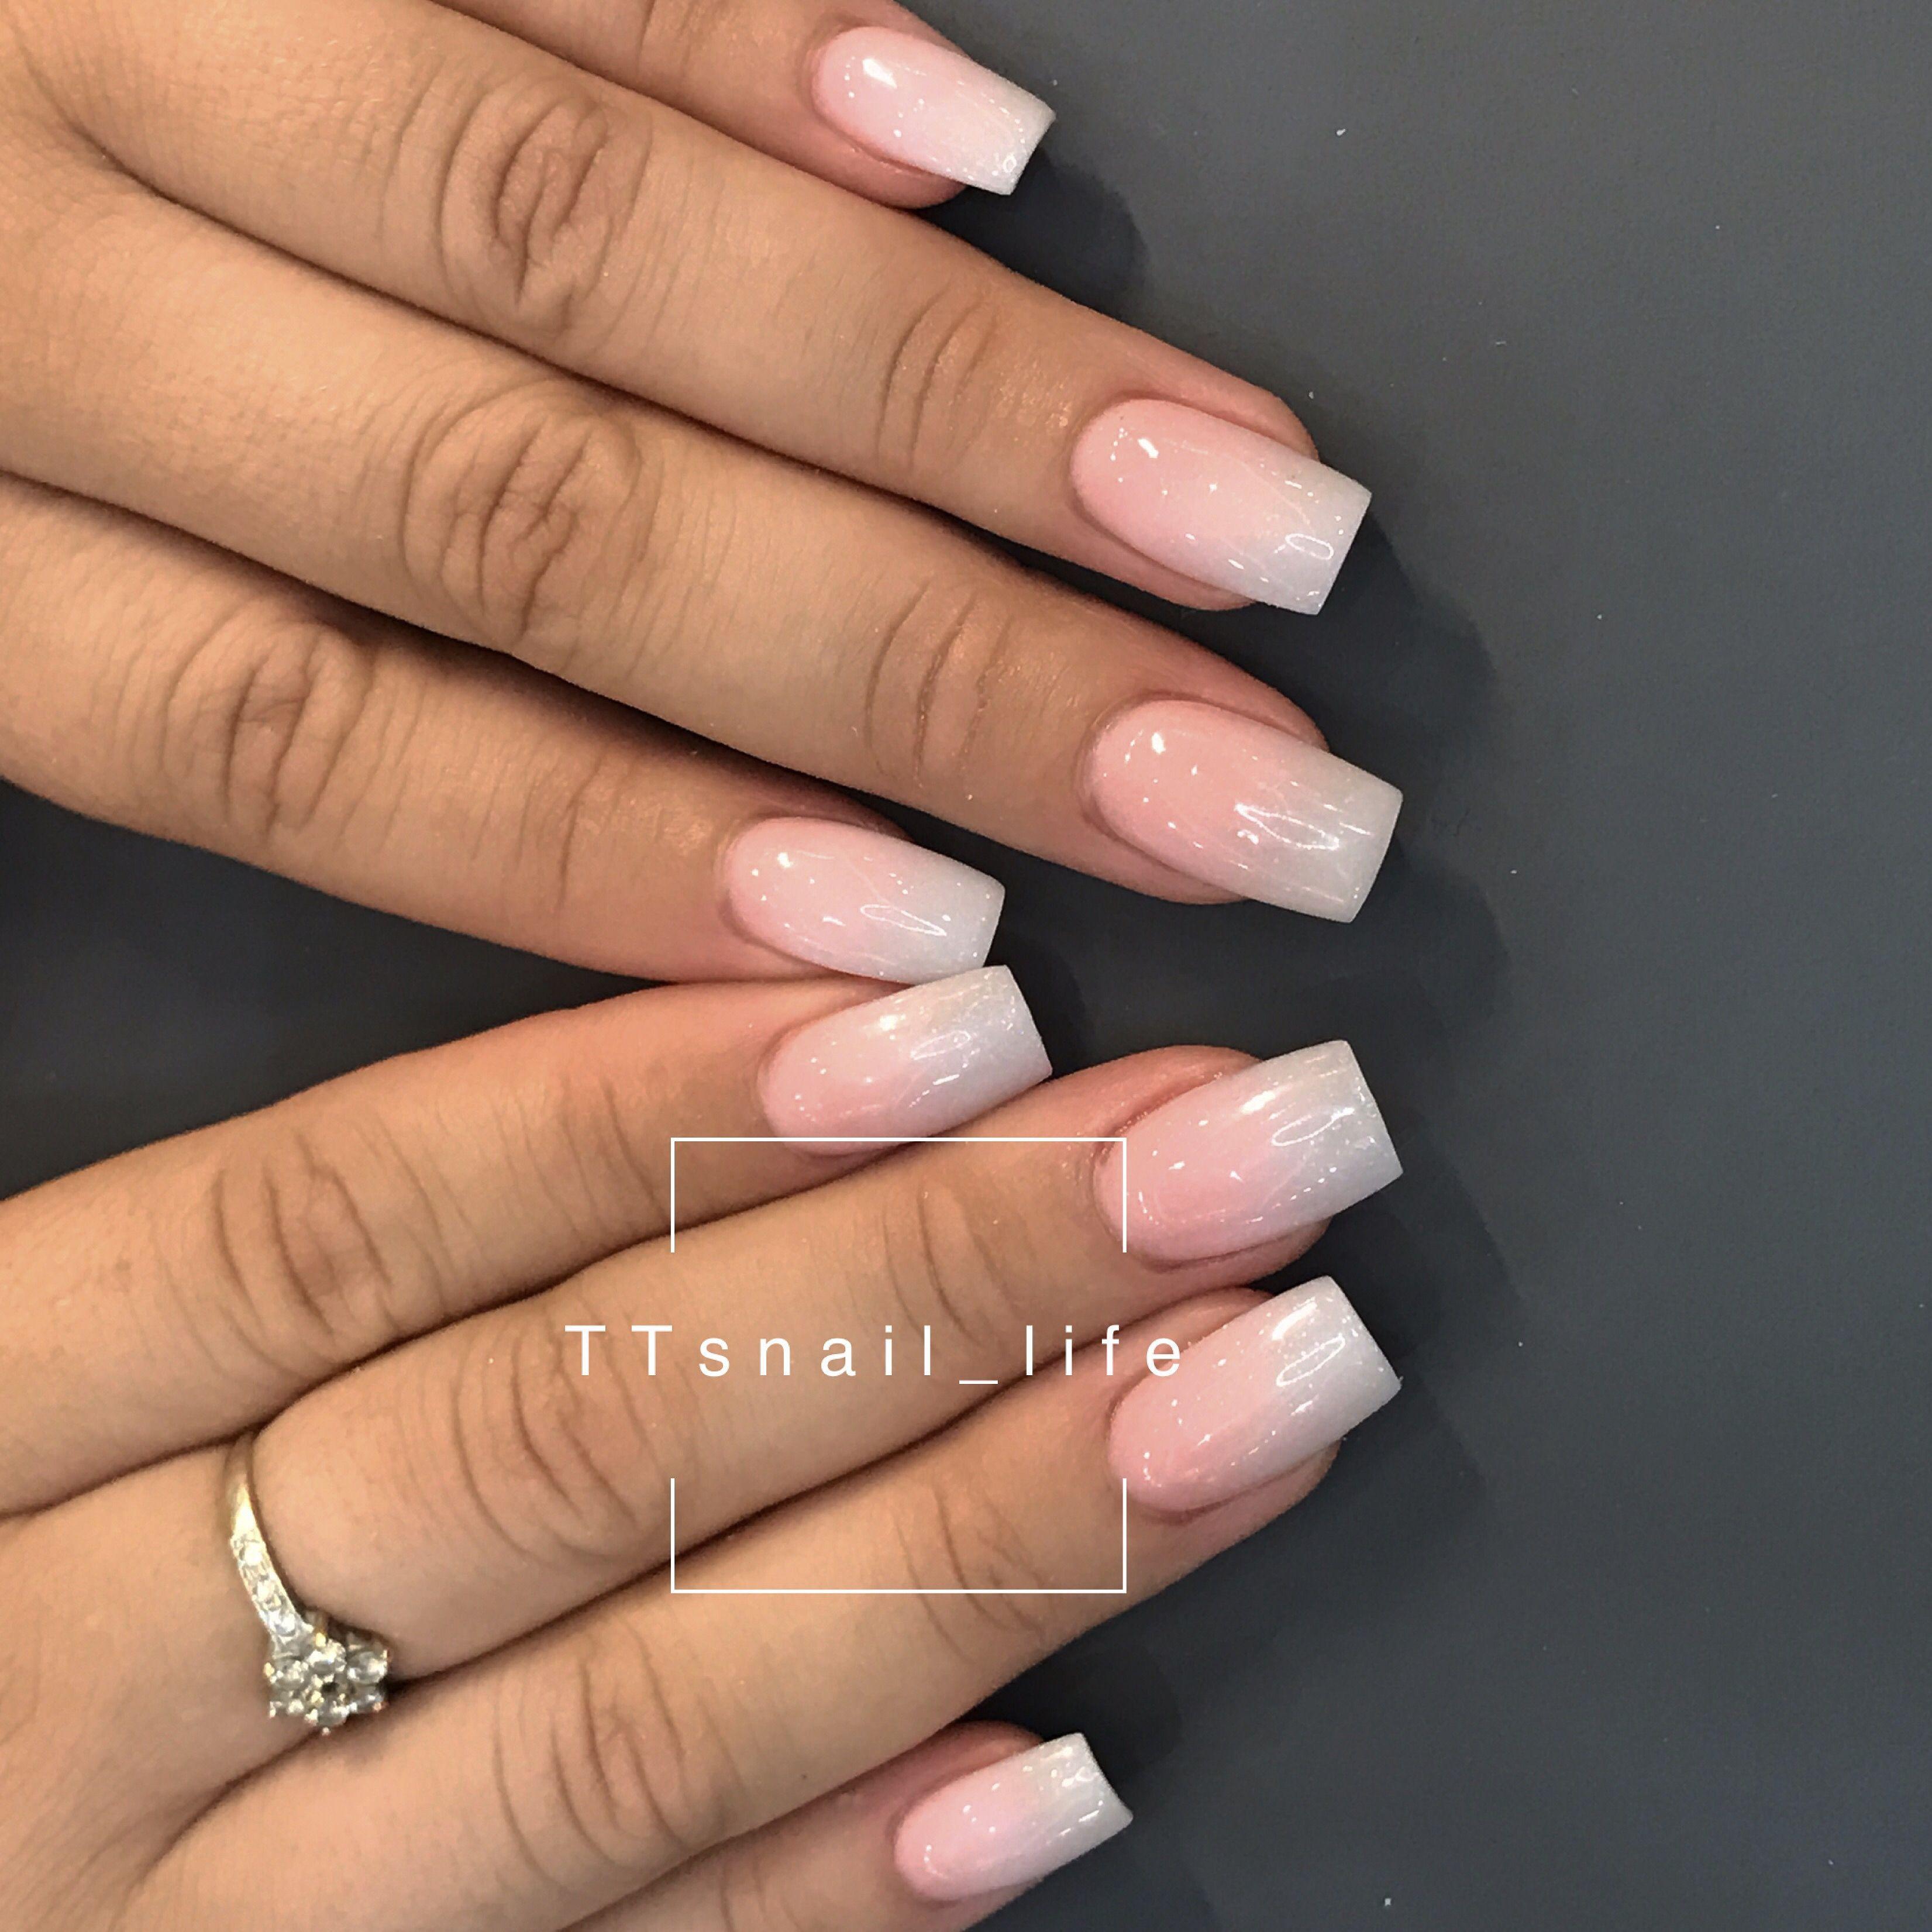 Pin By Whoas Trang On Nails Natural Nails Simple Nails Nails